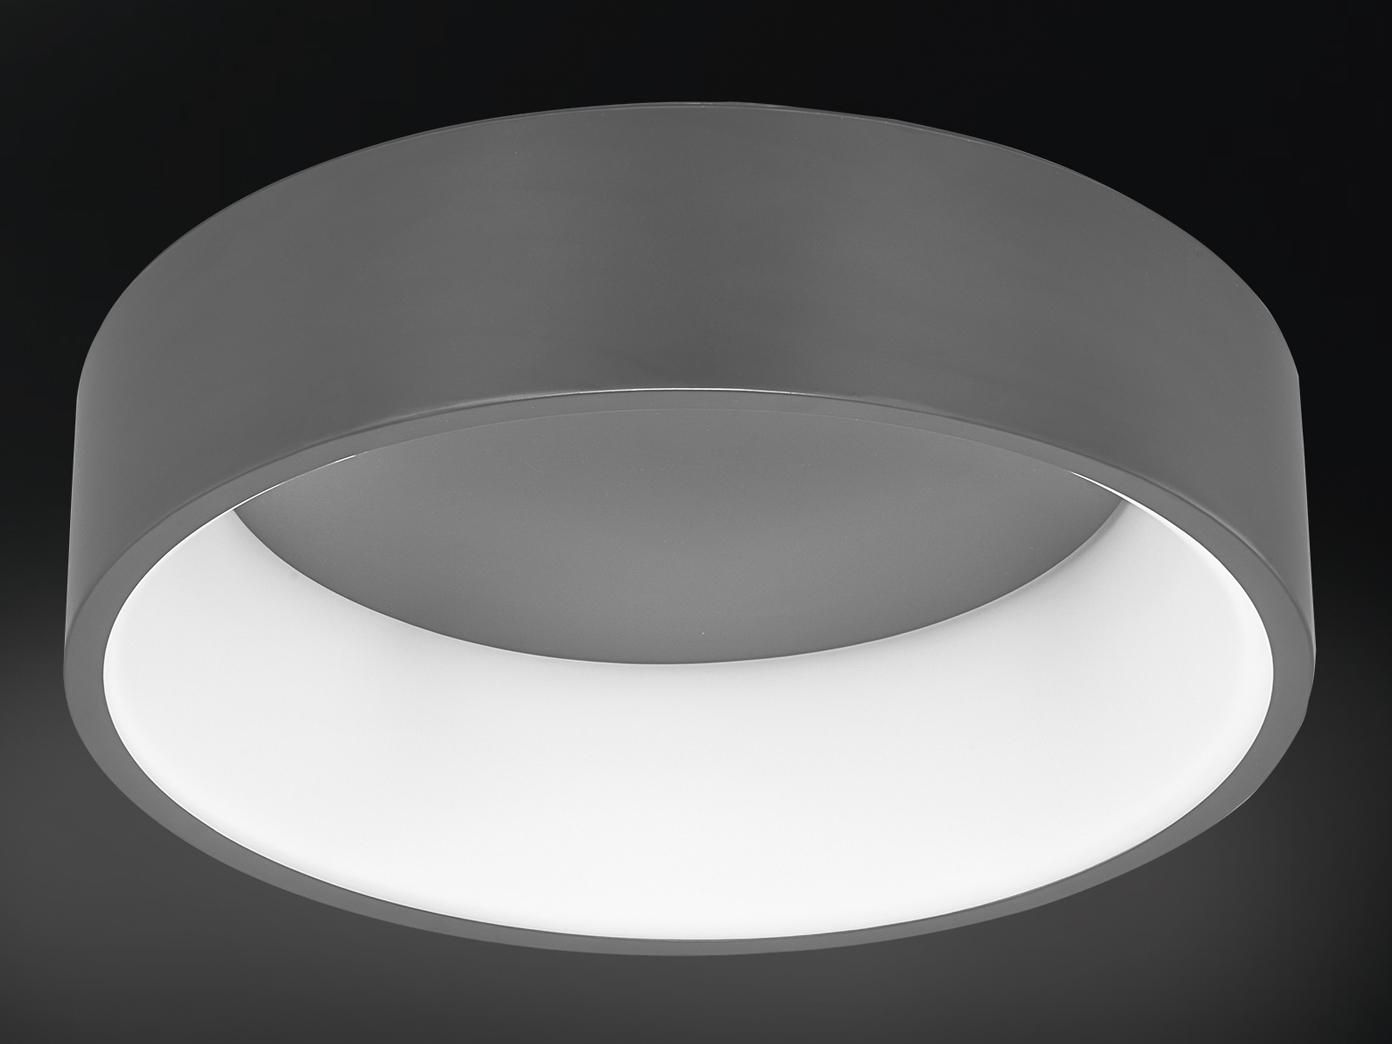 Große LED Deckenleuchte mit grauem Metallschirm - LED Lampen fürs Wohnzimmer